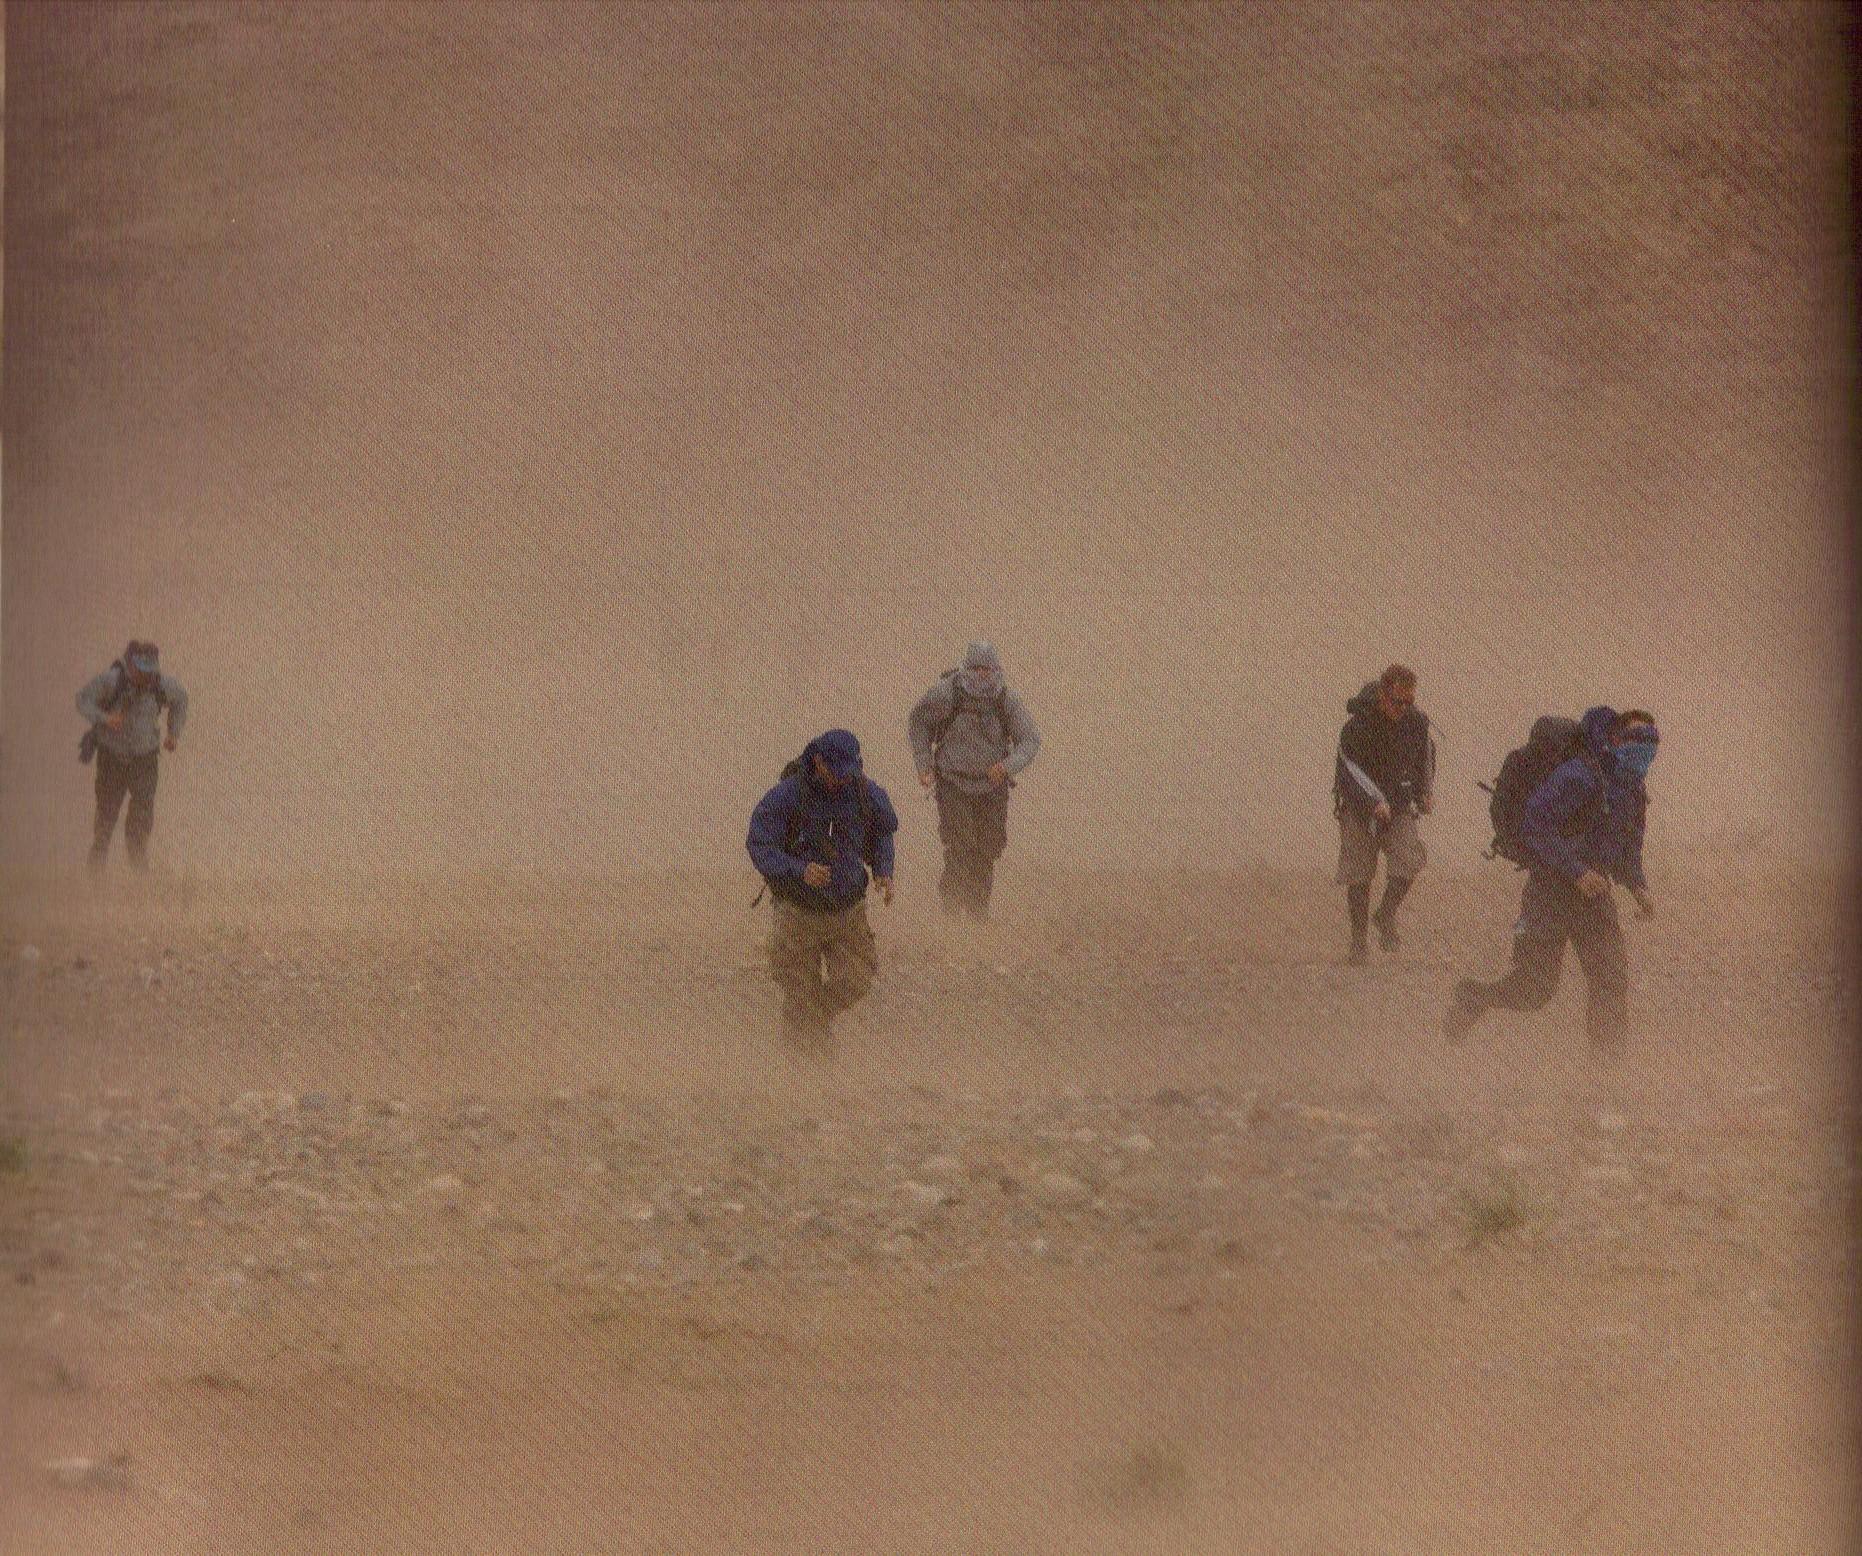 Sandstorm 001